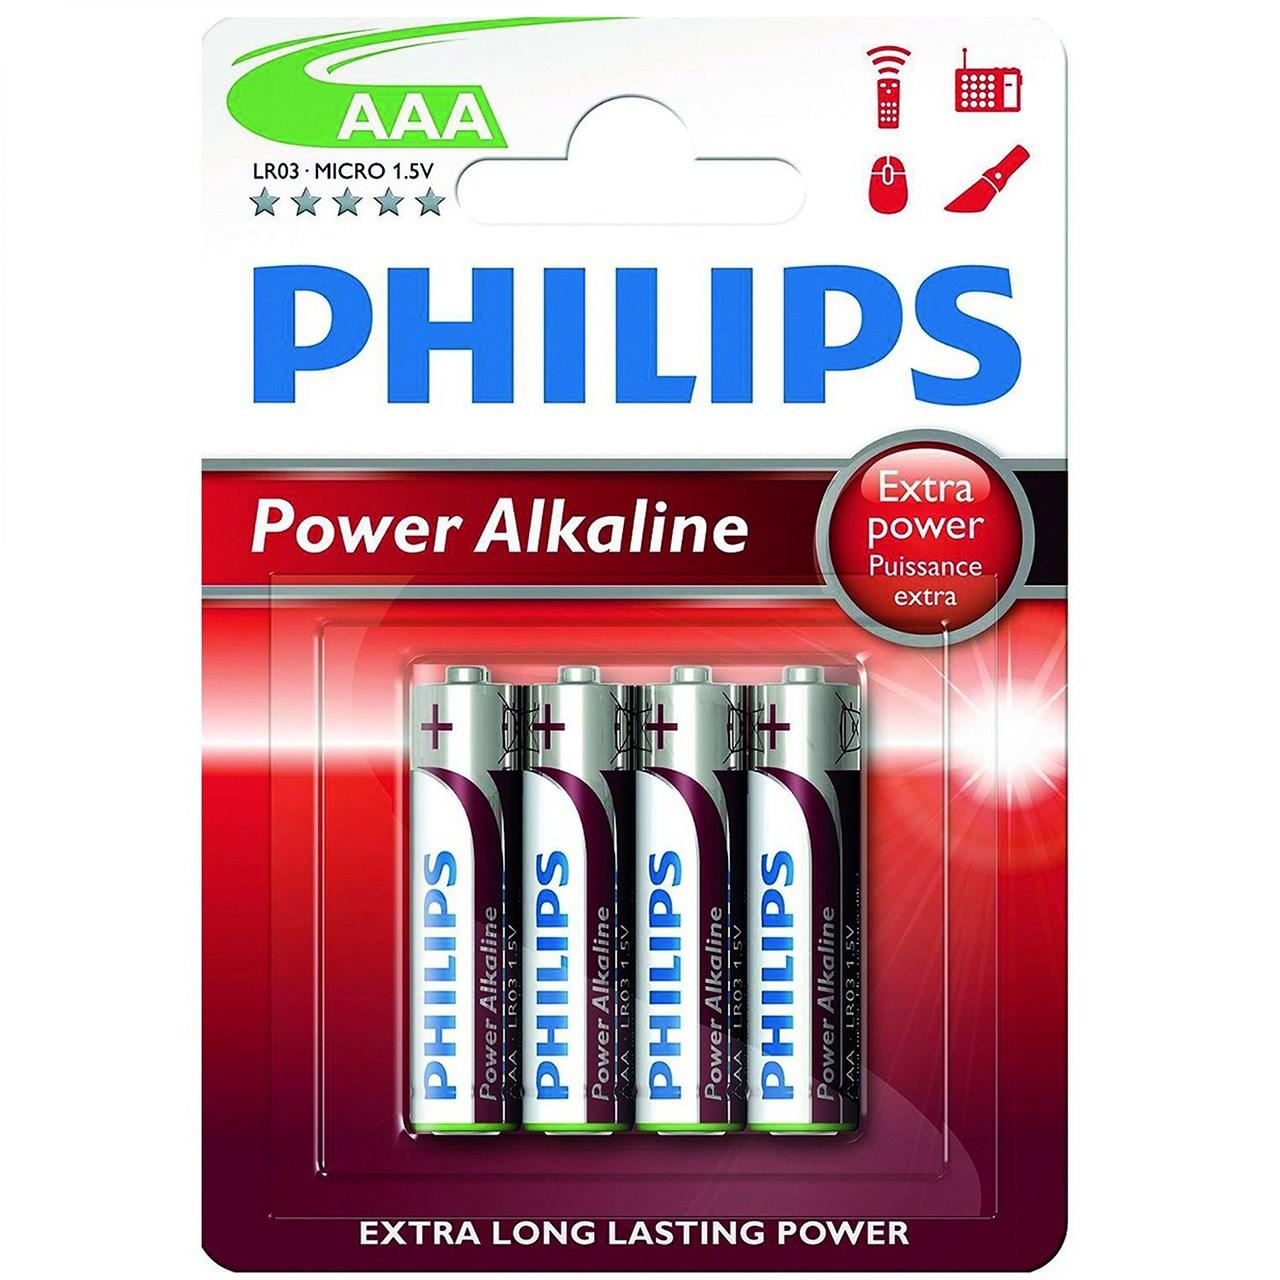 باتری نیم قلمی فیلیپس مدل Power Alkaline LR03-MICRO بسته 4 عددی